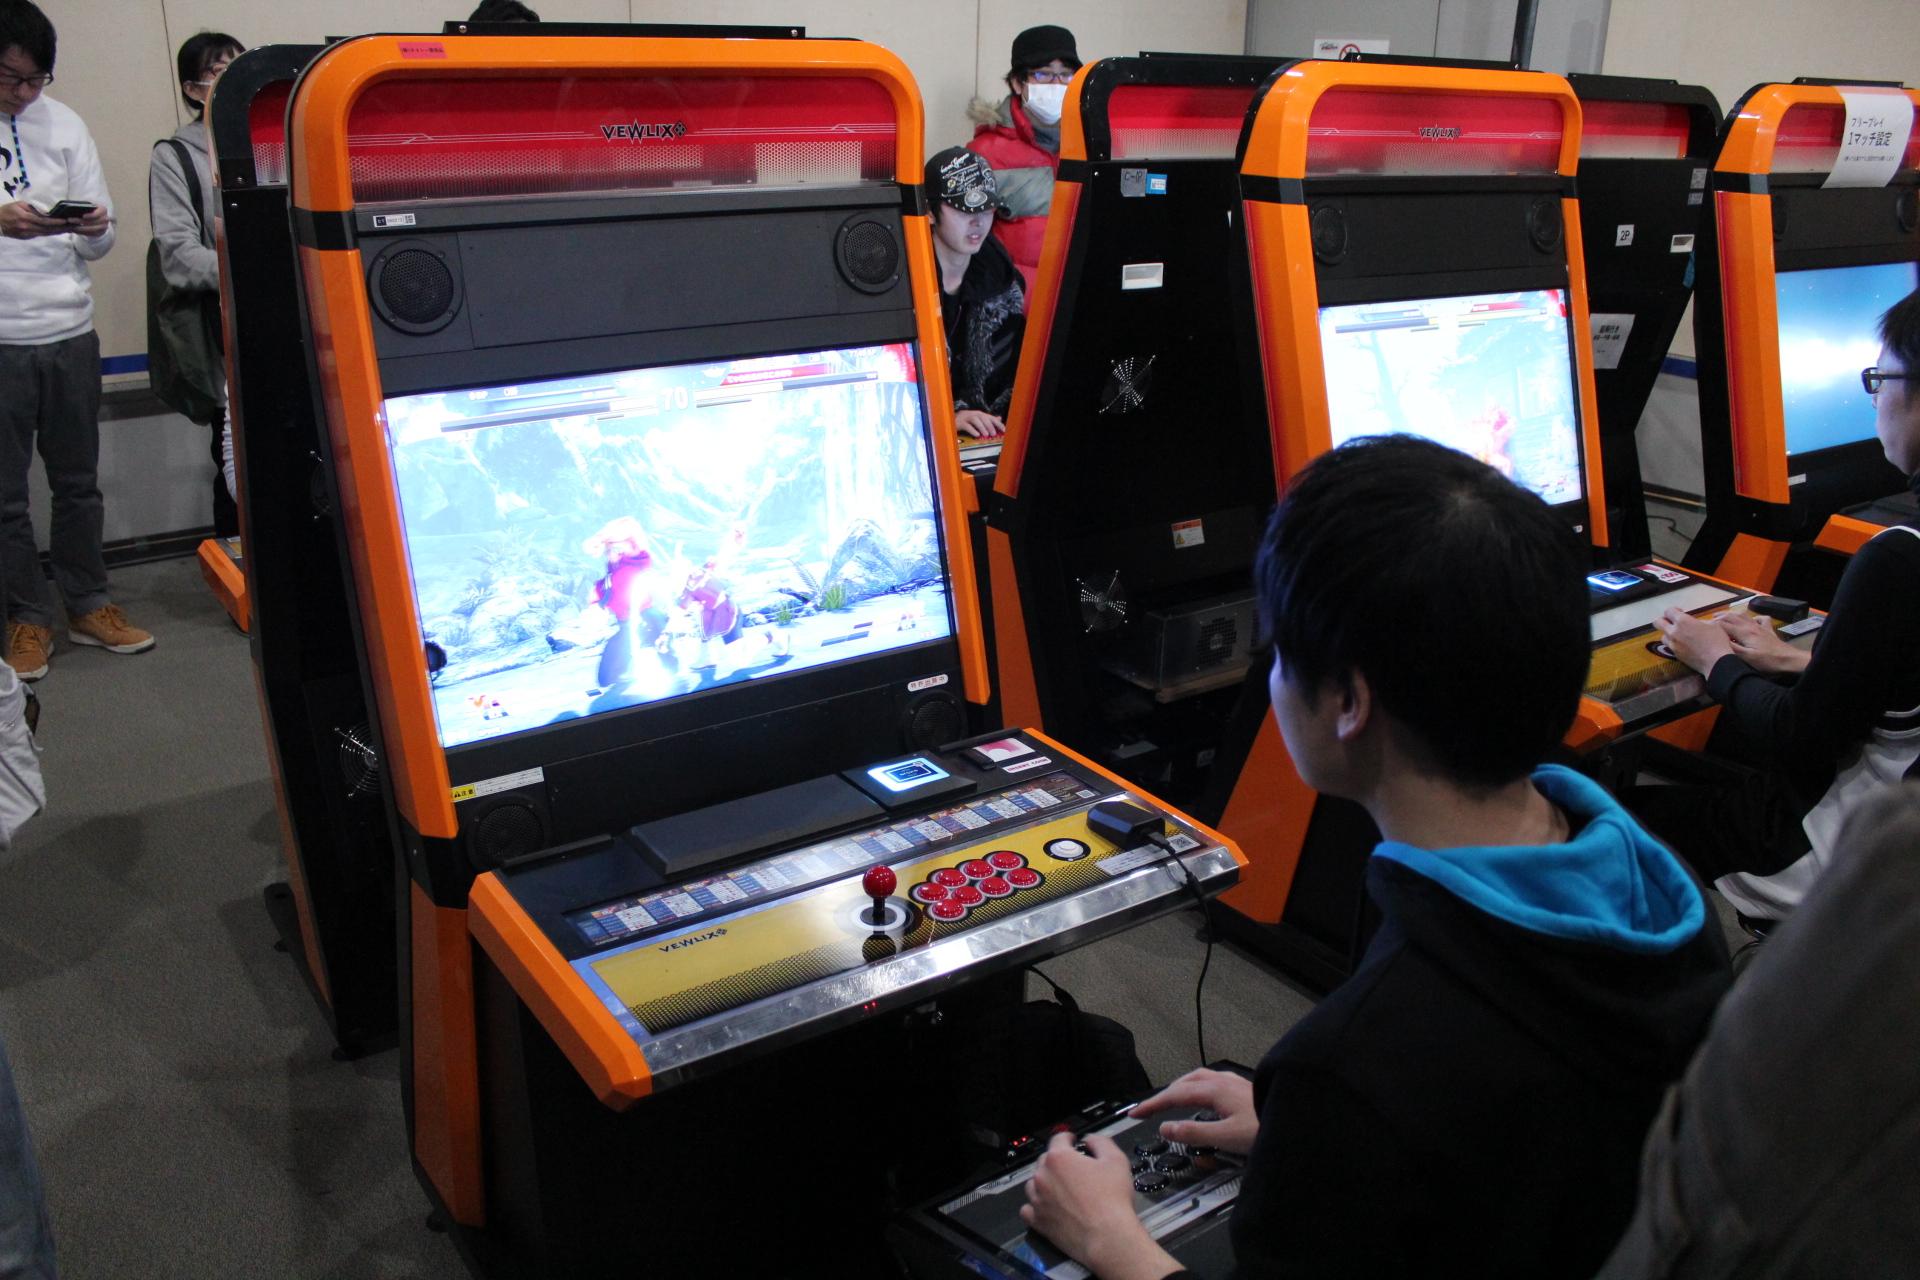 マイアケコンを筐体に接続してプレイする参加者